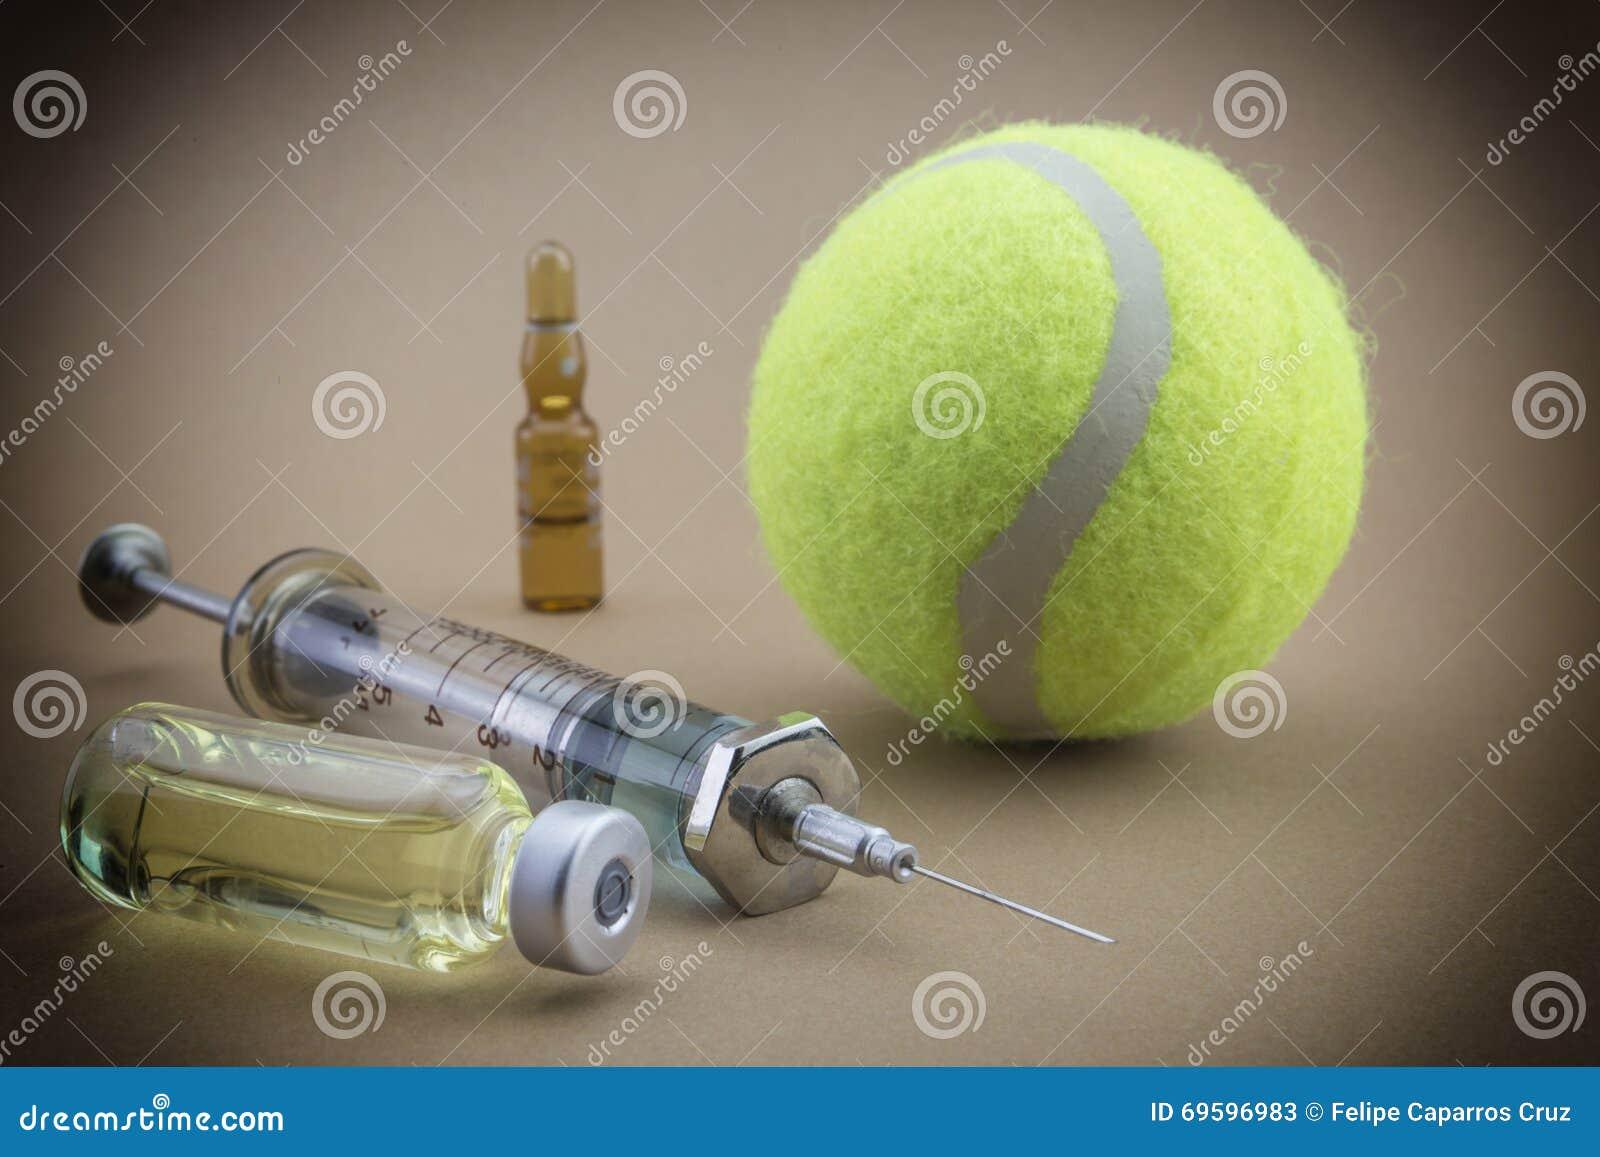 尿研究的测试与网球一起球的